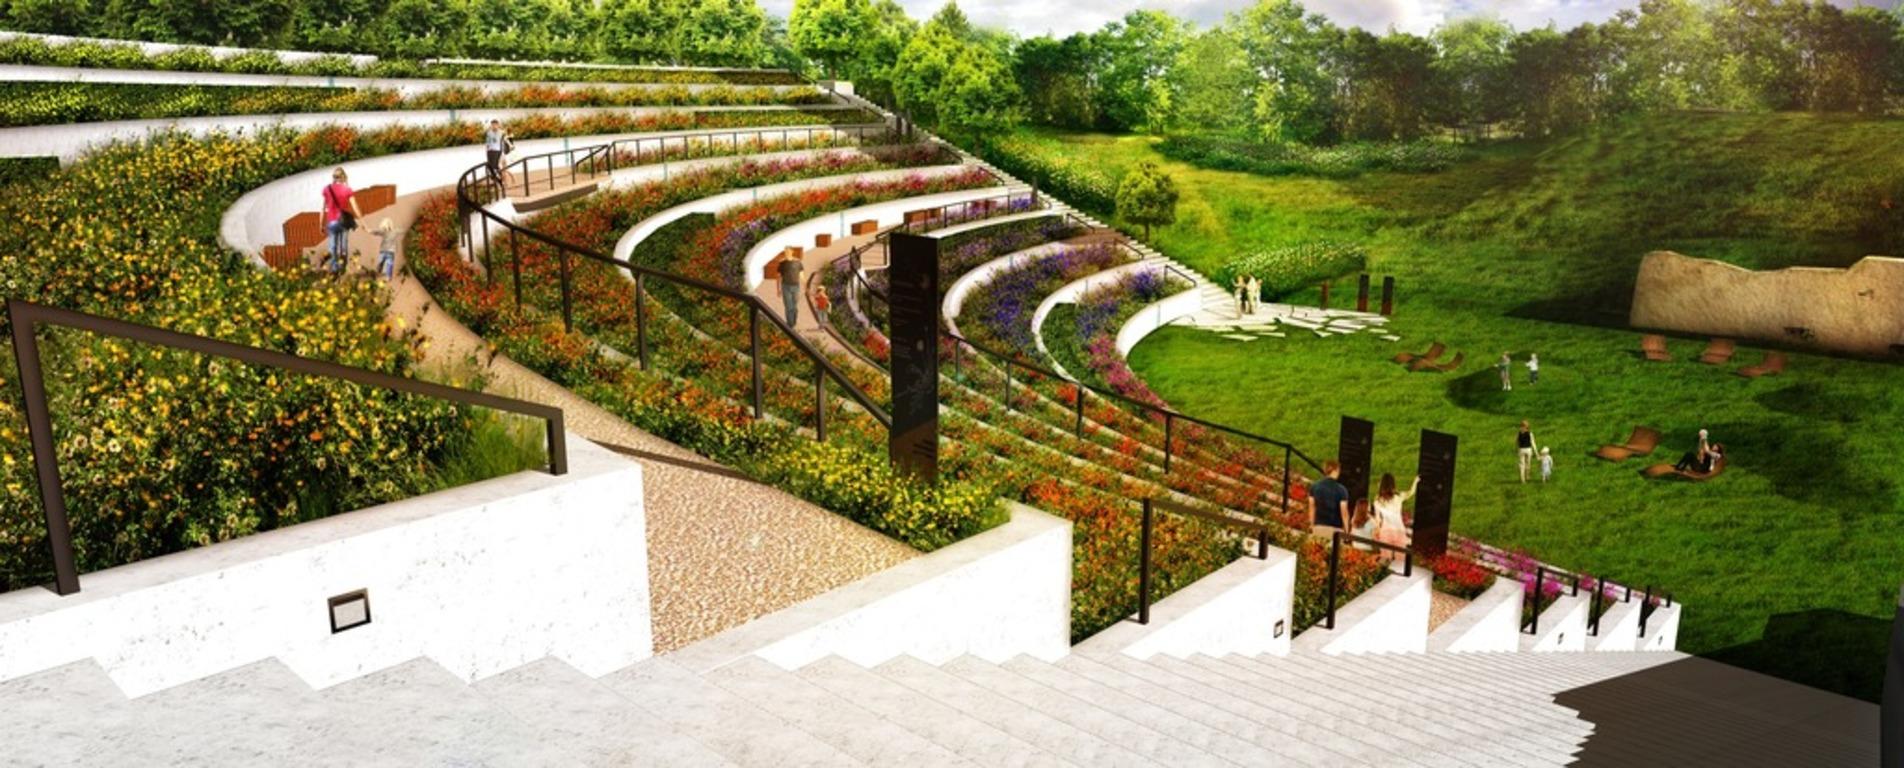 Ogród miododajny zamiast dawnego amfiteatru – pierwszy tego typu projekt powstanie na poznańskiej Cytadeli